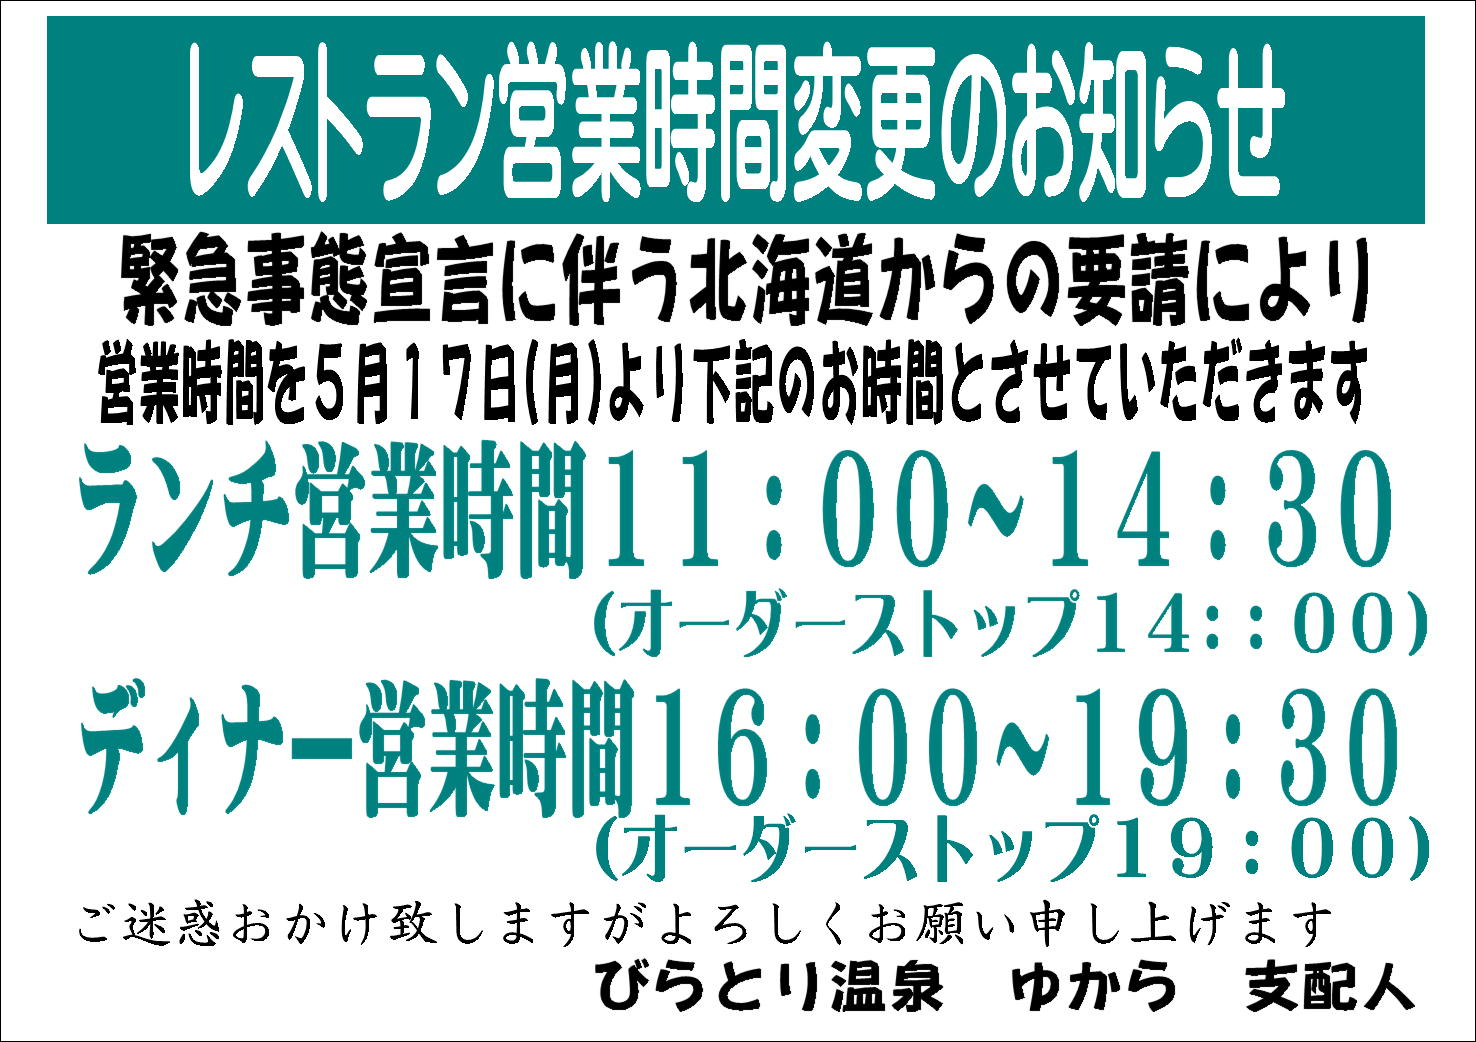 緊急事態宣言 レストラン営業時間変更.JPG